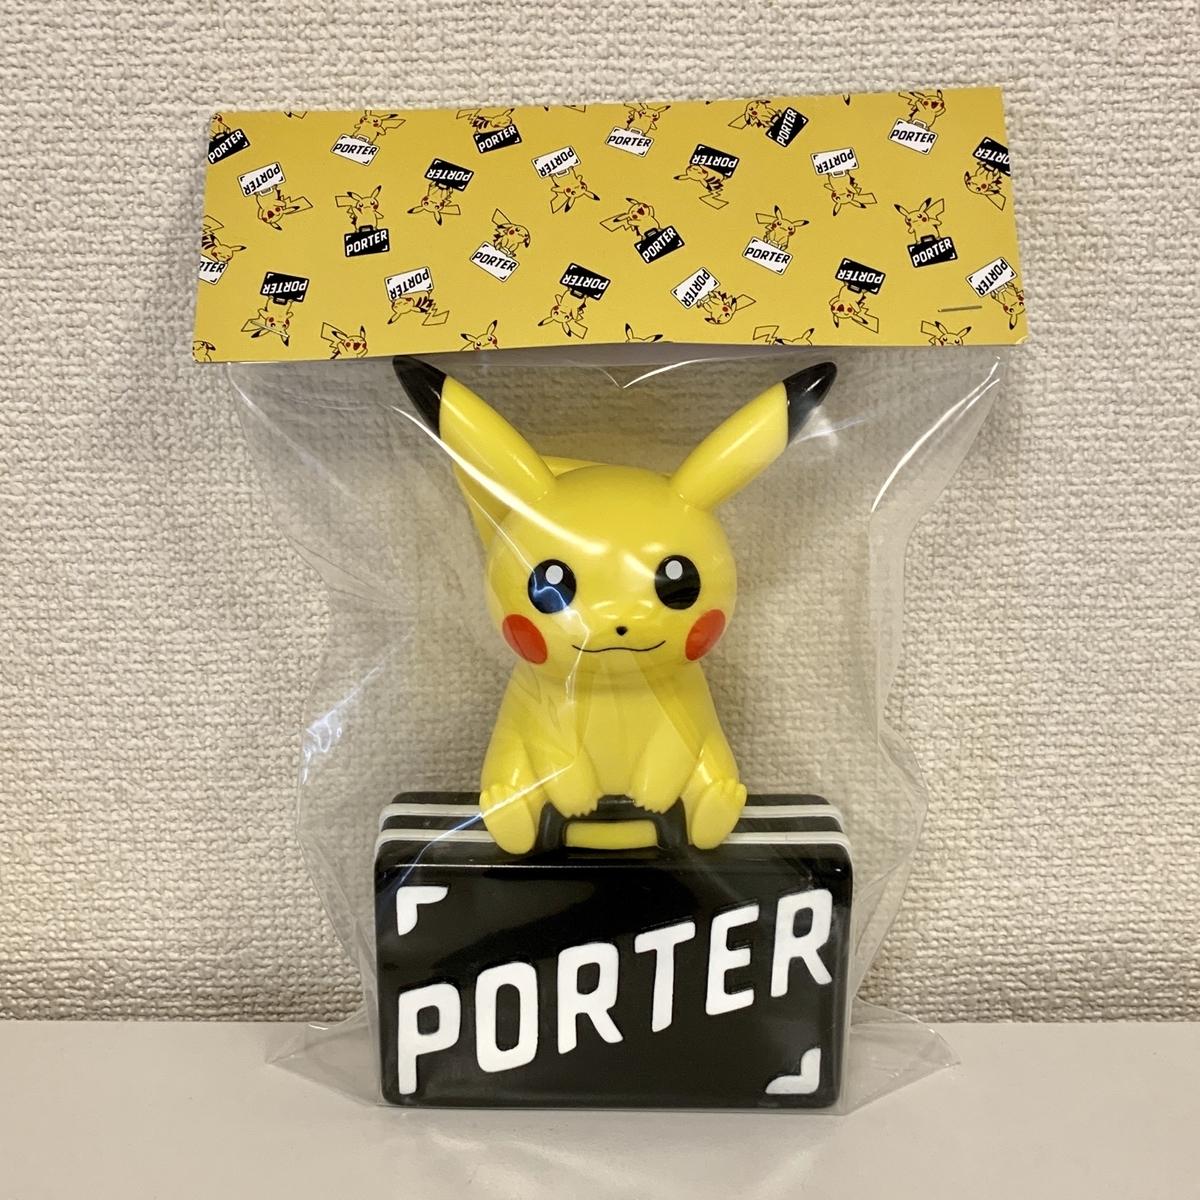 f:id:pikachu_pcn:20190825104716j:plain